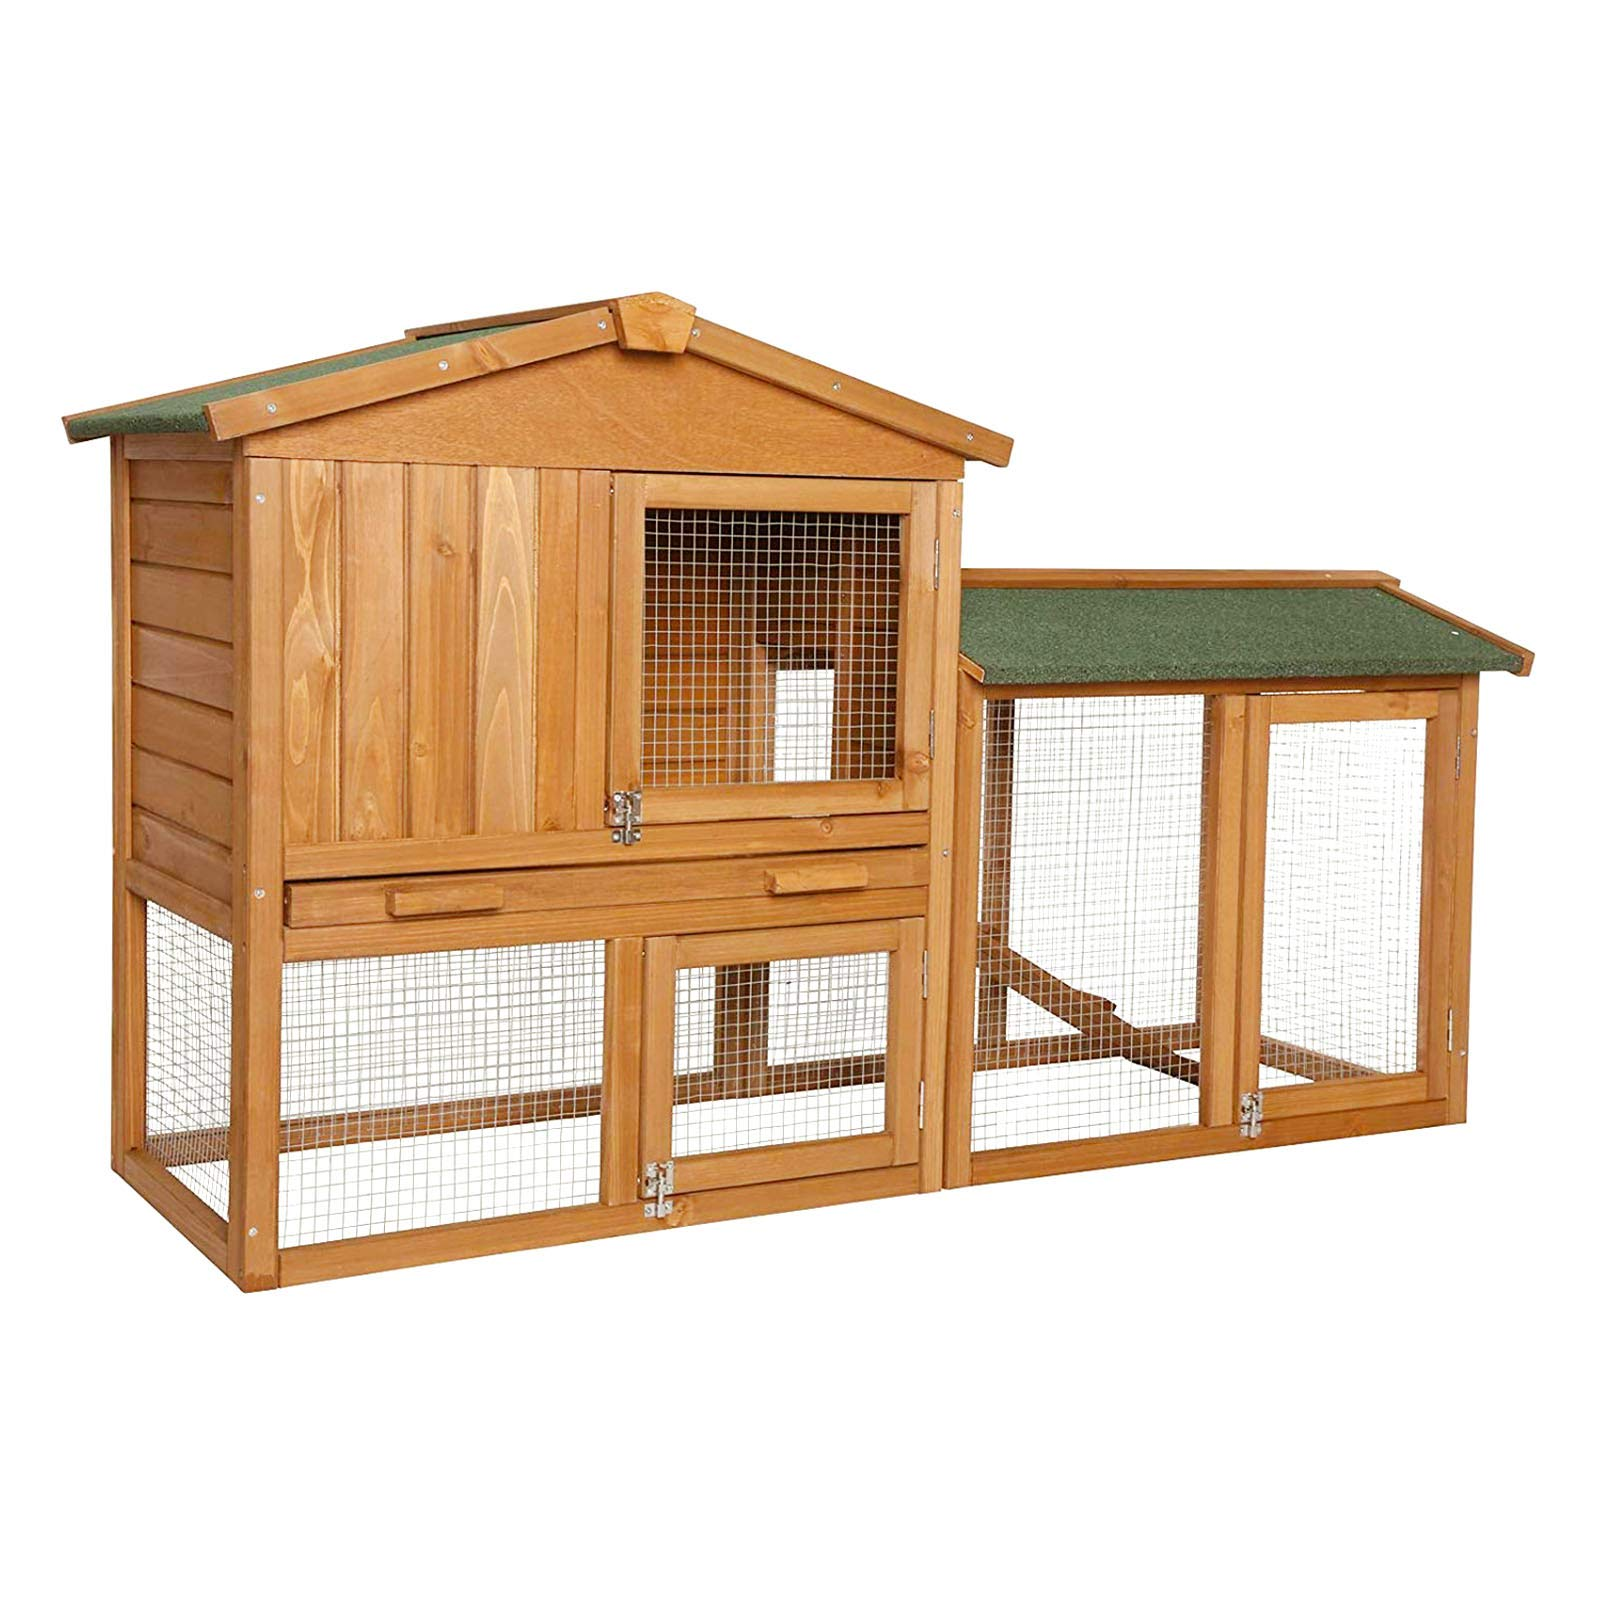 Corral para Animales pequeños de Primera Calidad - Corral de Madera y vallado Para Conejos, liebres y cobayas